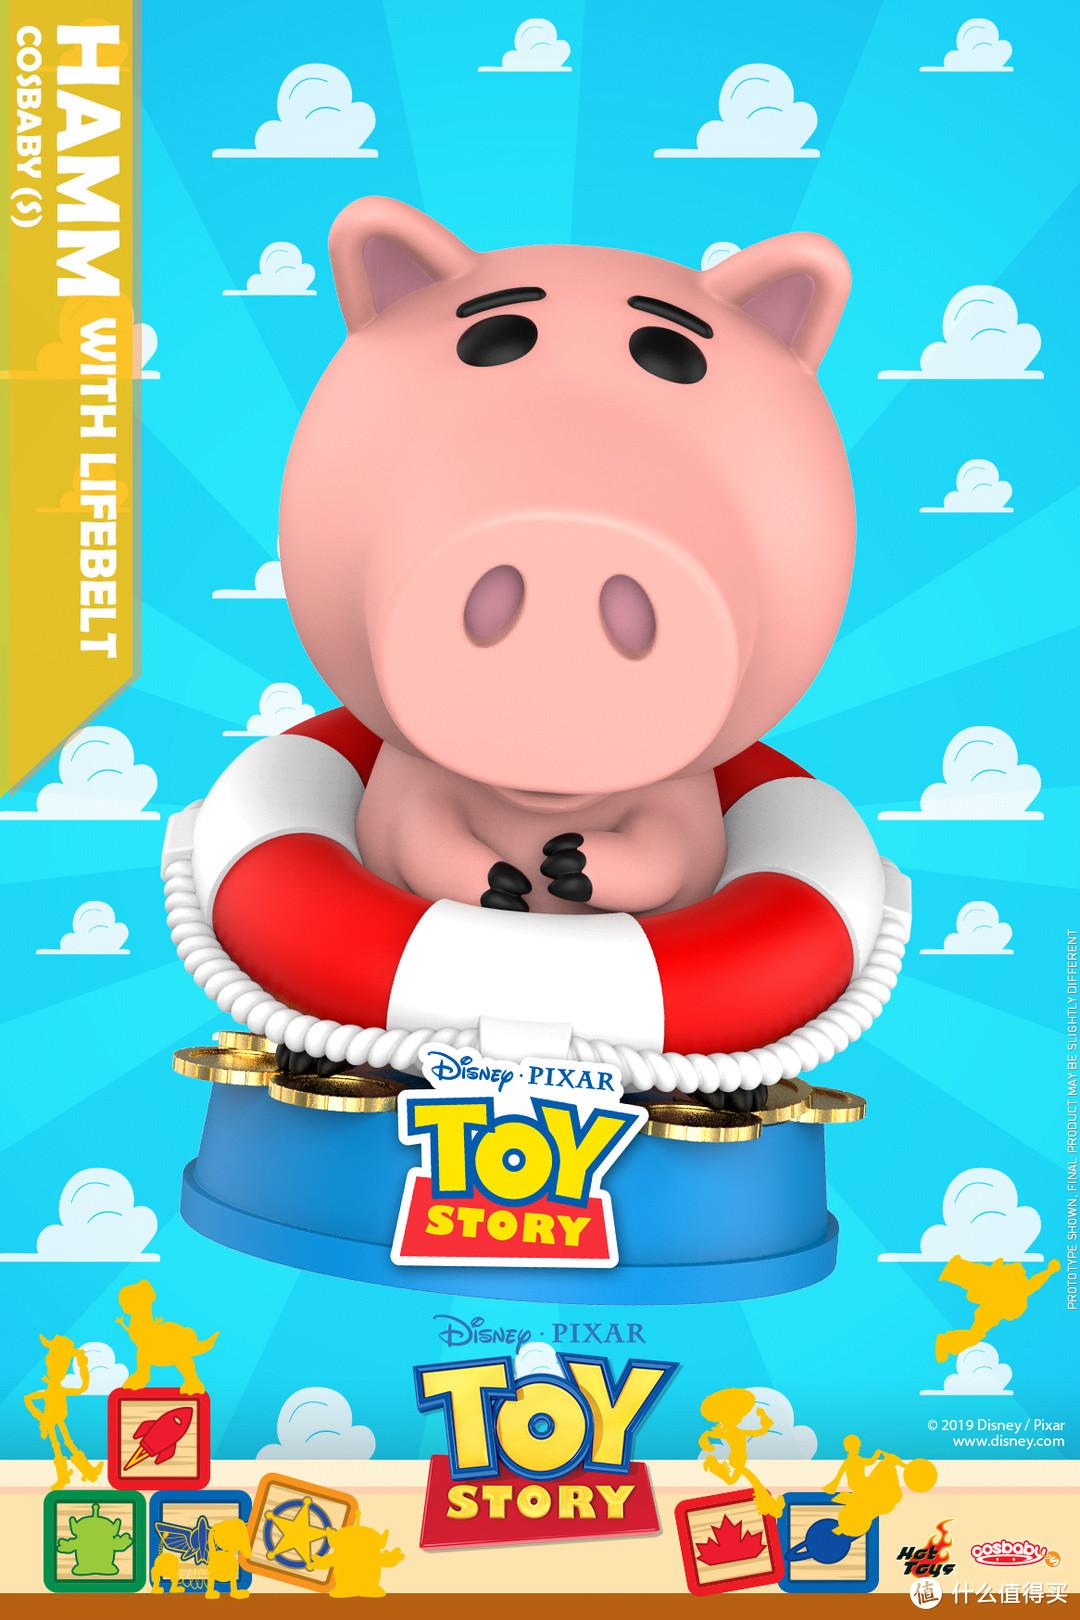 玩模总动员:HT《玩具总动员4》COSBABY人偶公开